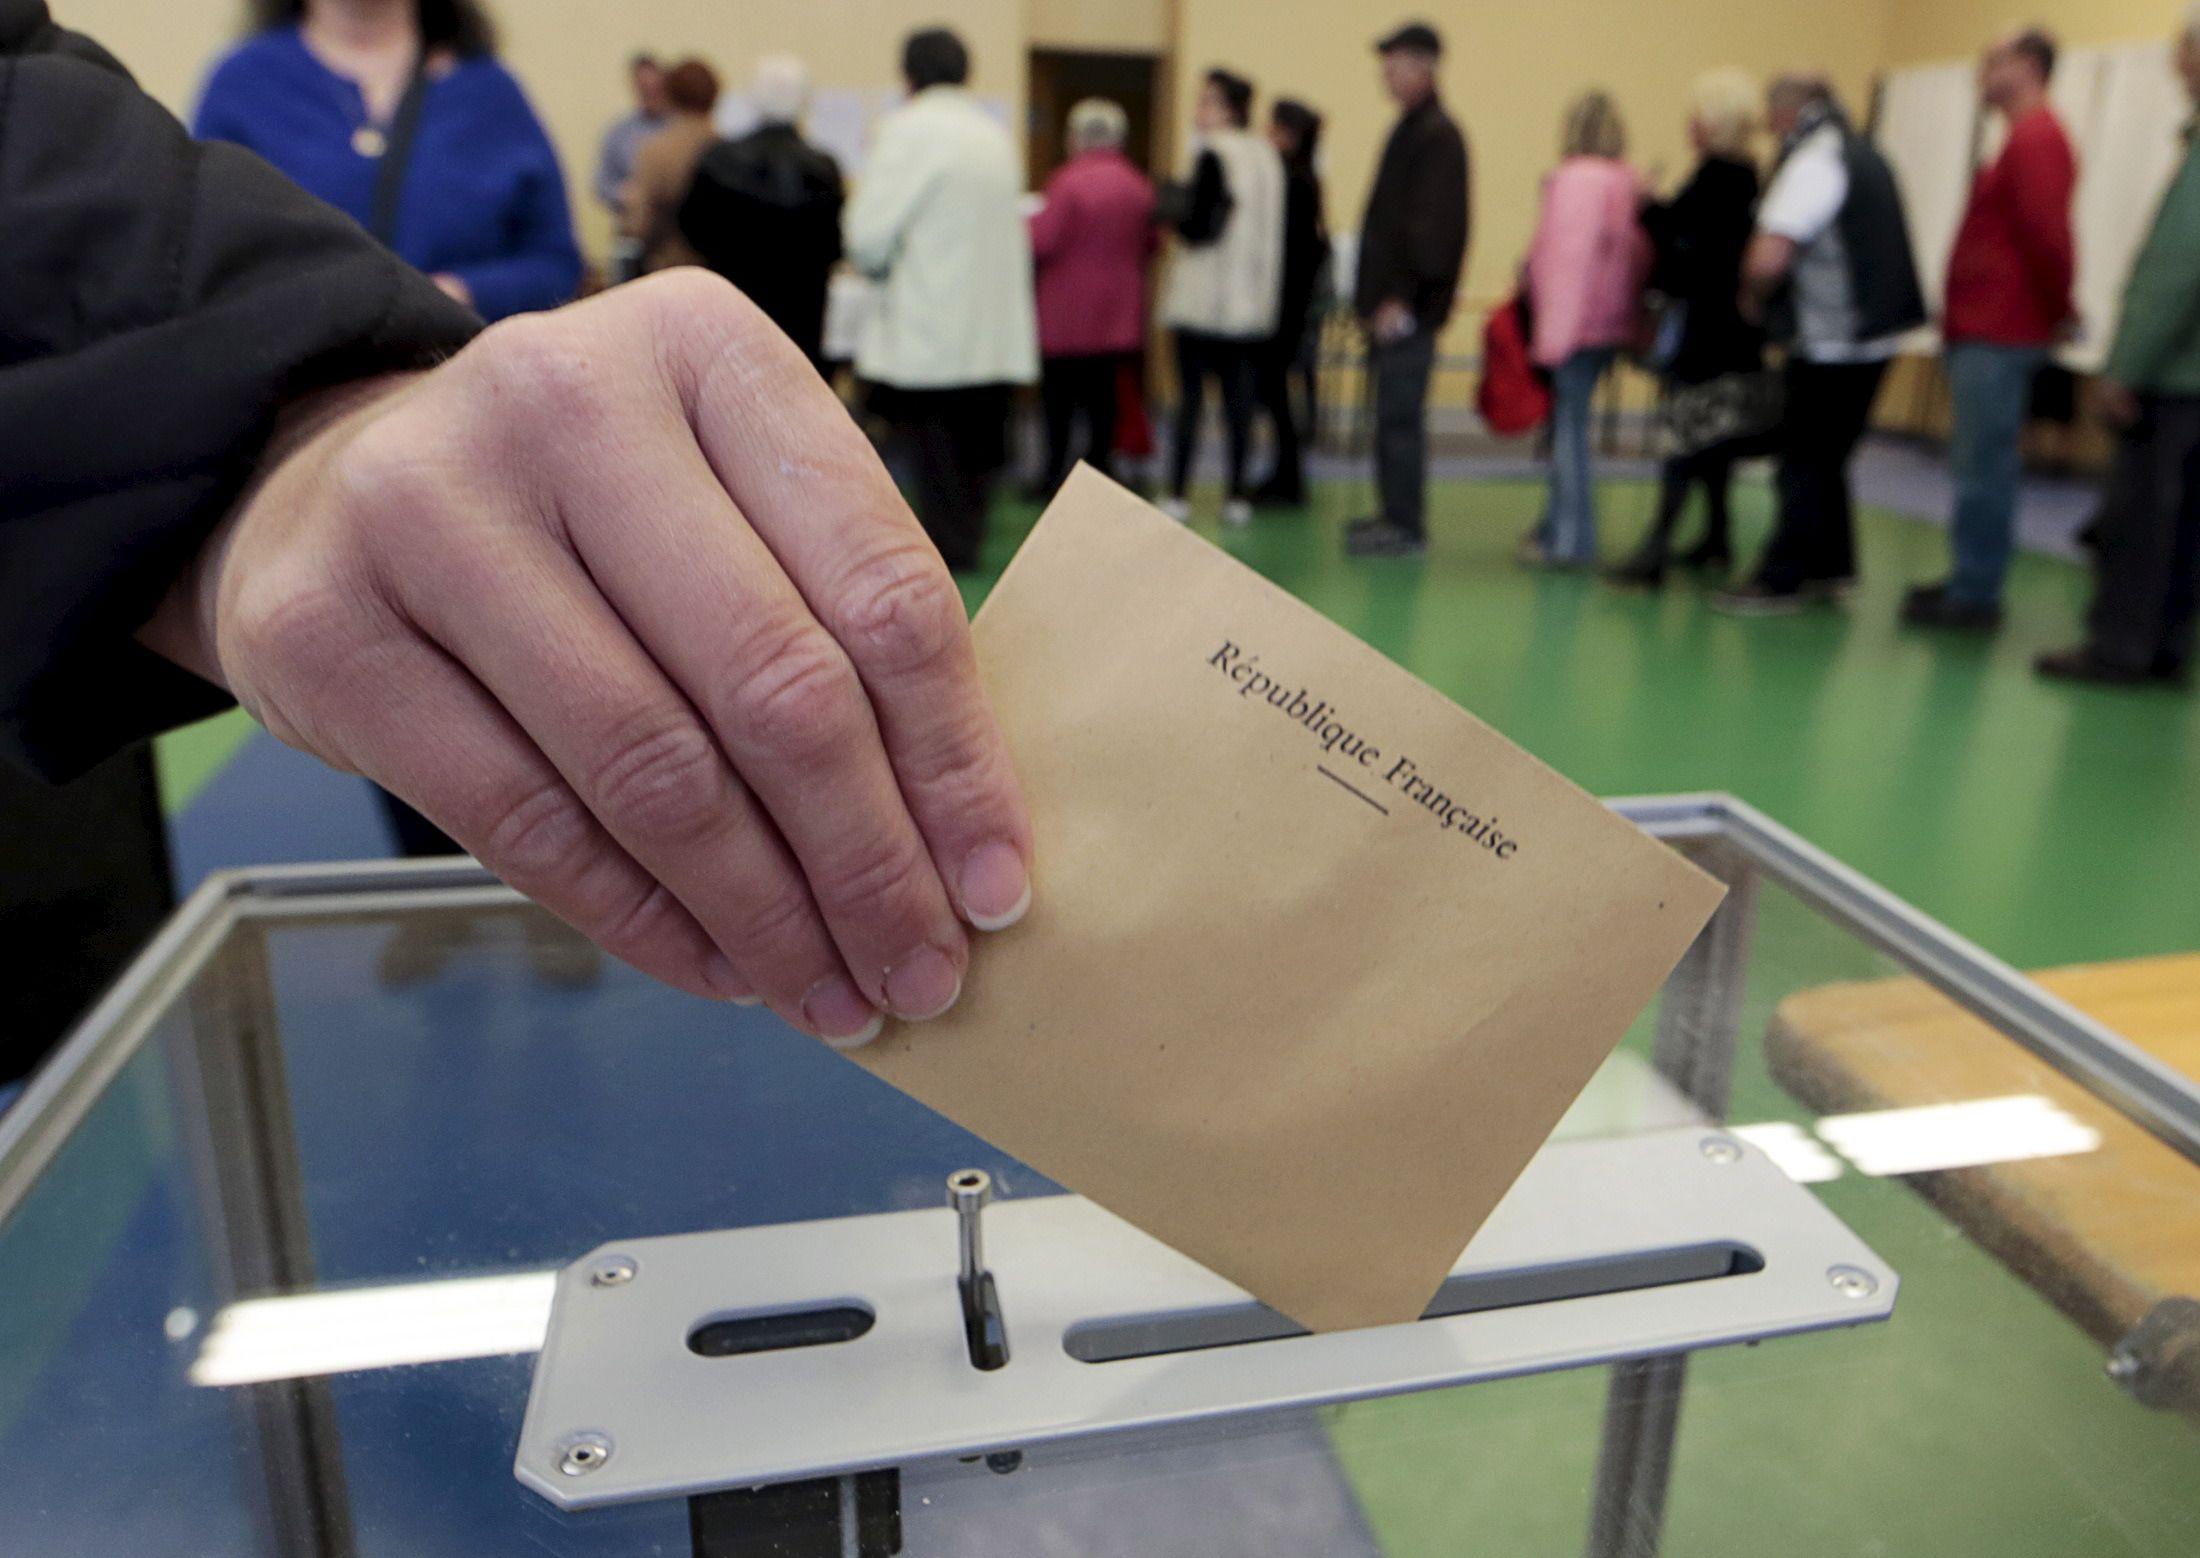 Législatives : 61% des Français souhaitent ne pas donner une majorité trop importante à la République en marche lors du second tour